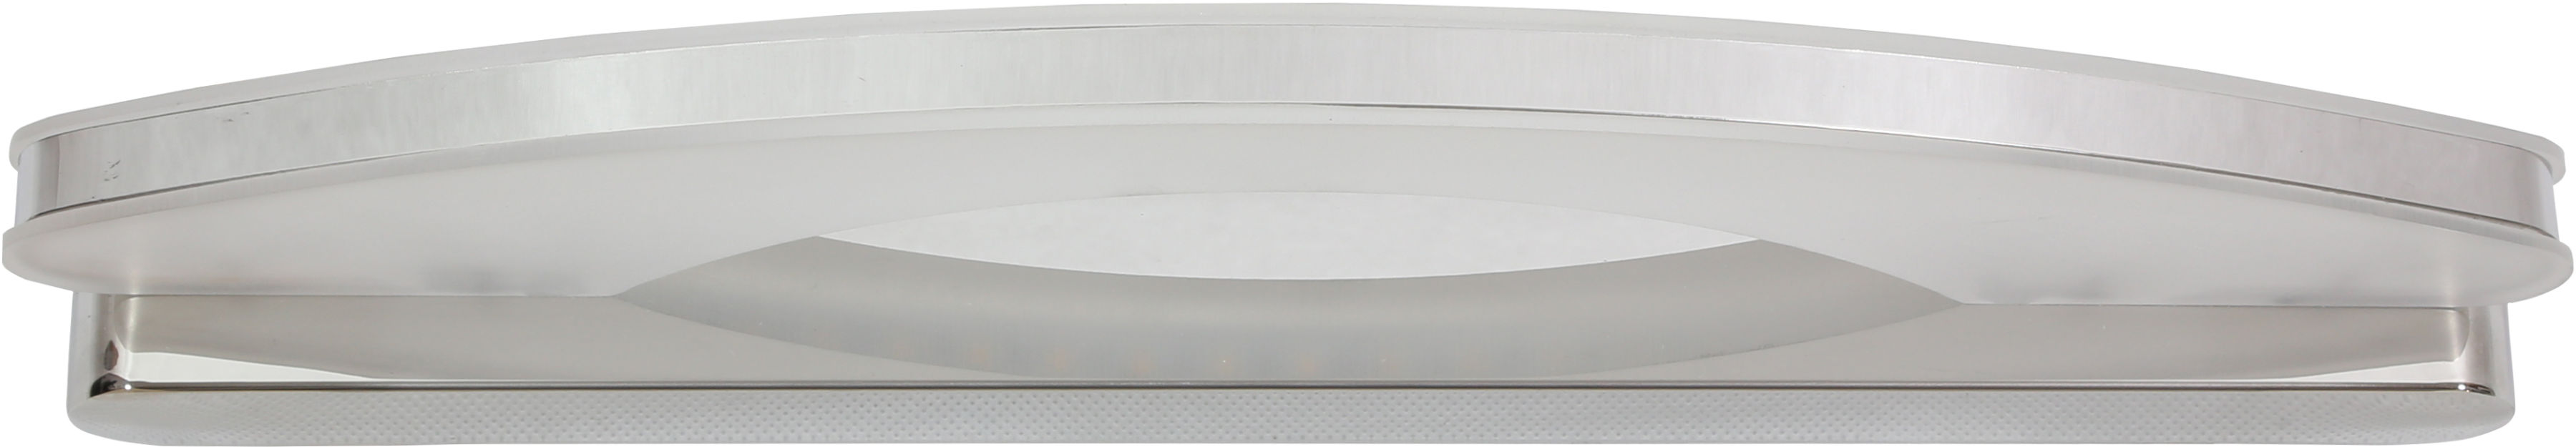 Candellux NIKE 20-37374 kinkiet lampa ścienna chrom akryl 5W LED 41cm